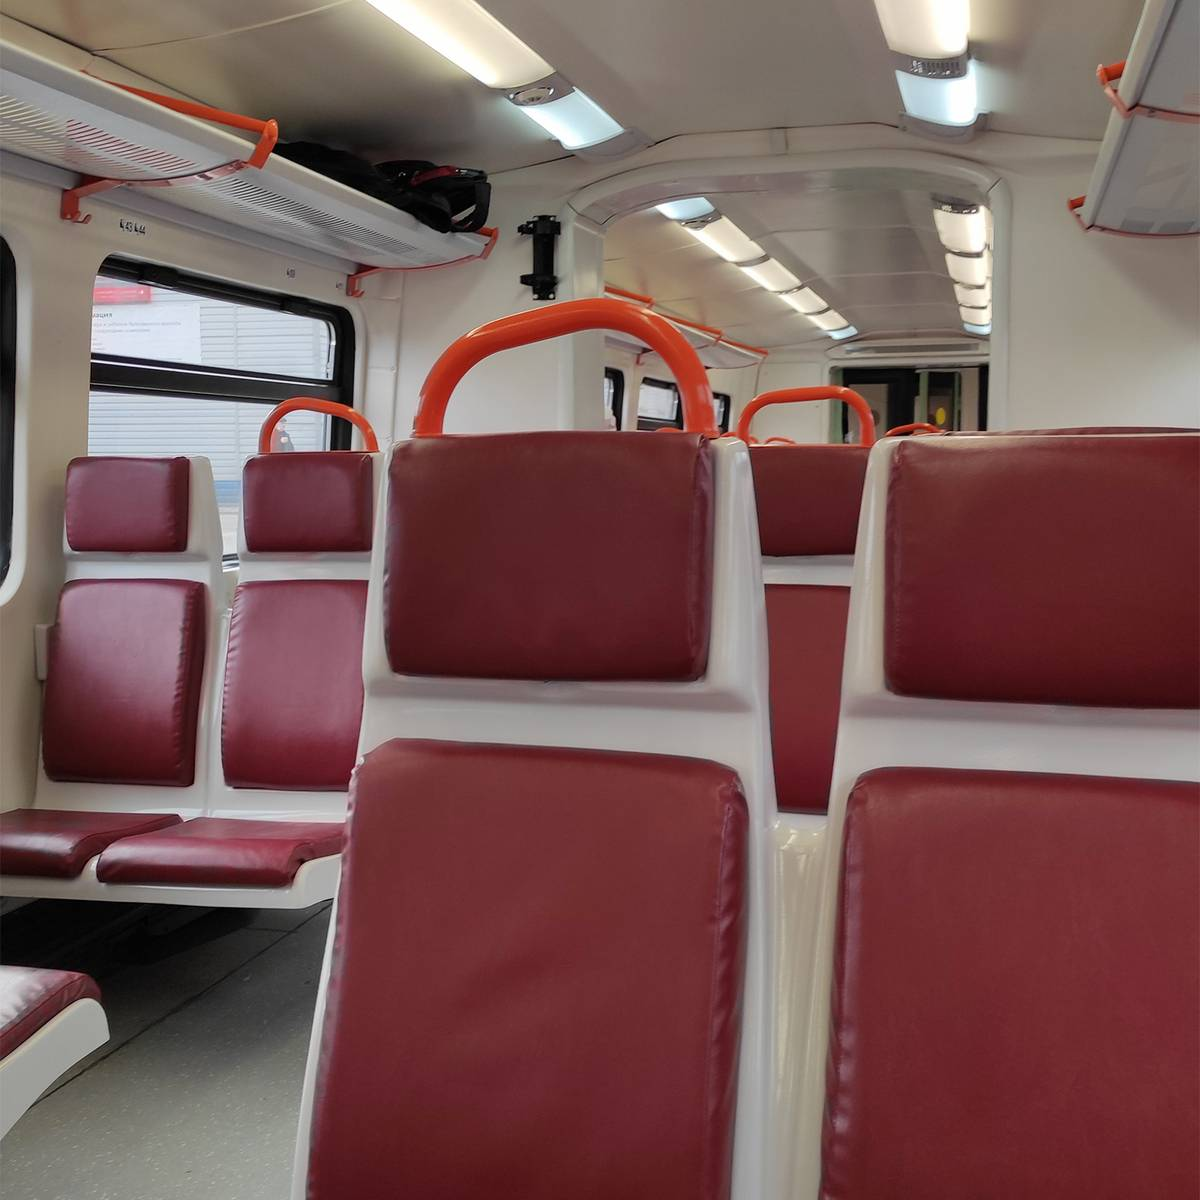 Внутри туристический поезд выглядит скромно